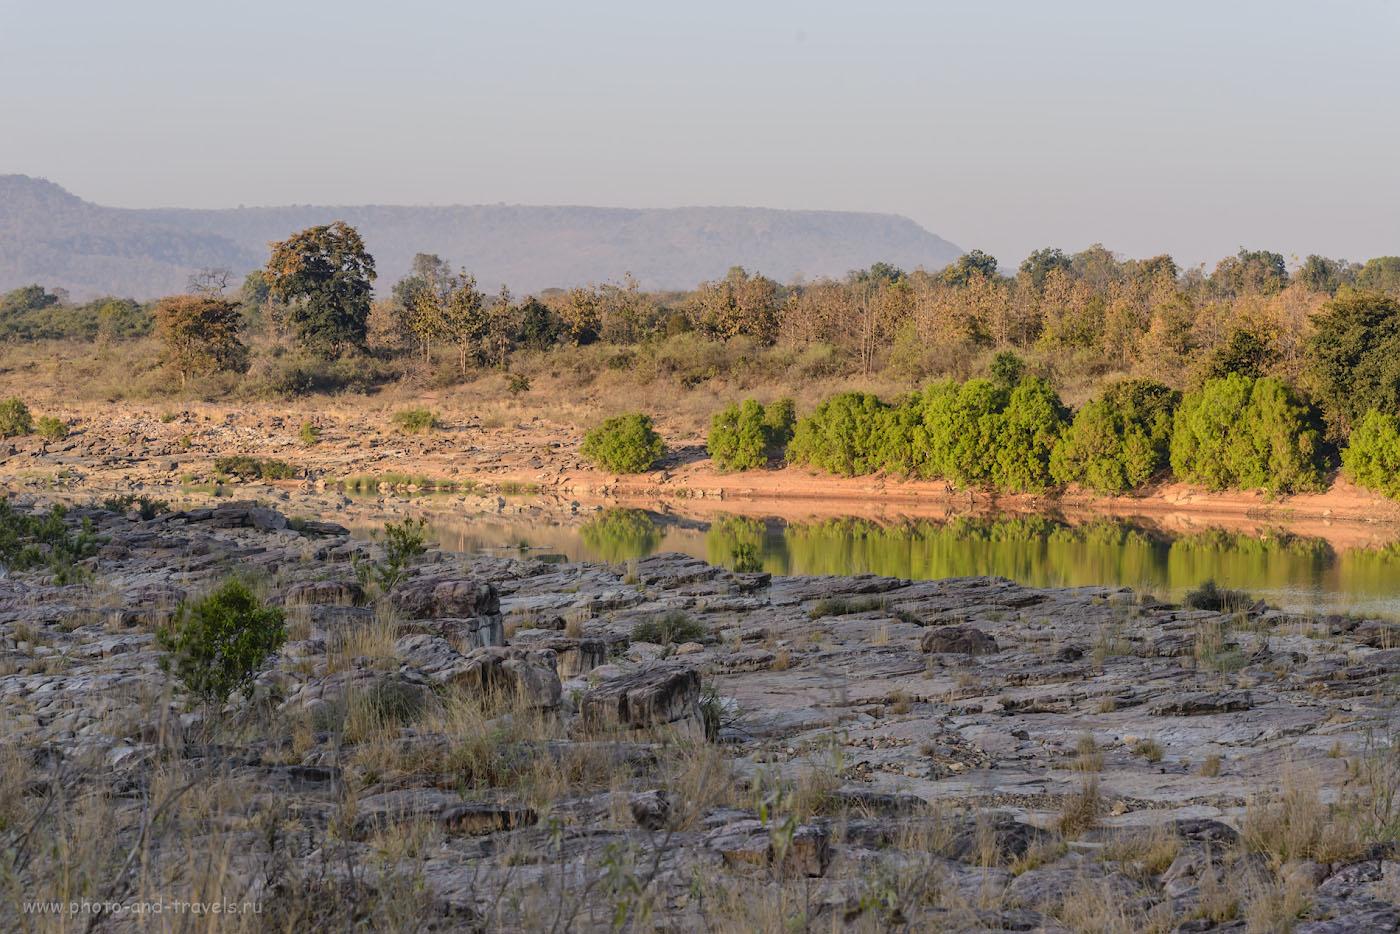 Фото 9. В ожидании тигра на берегу реки Кен в заповеднике «Панна» (Panna Tiger Reserve). Отзывы об экскурсиях в Кхаджурахо. 1/250, 10.0, 500, 112.